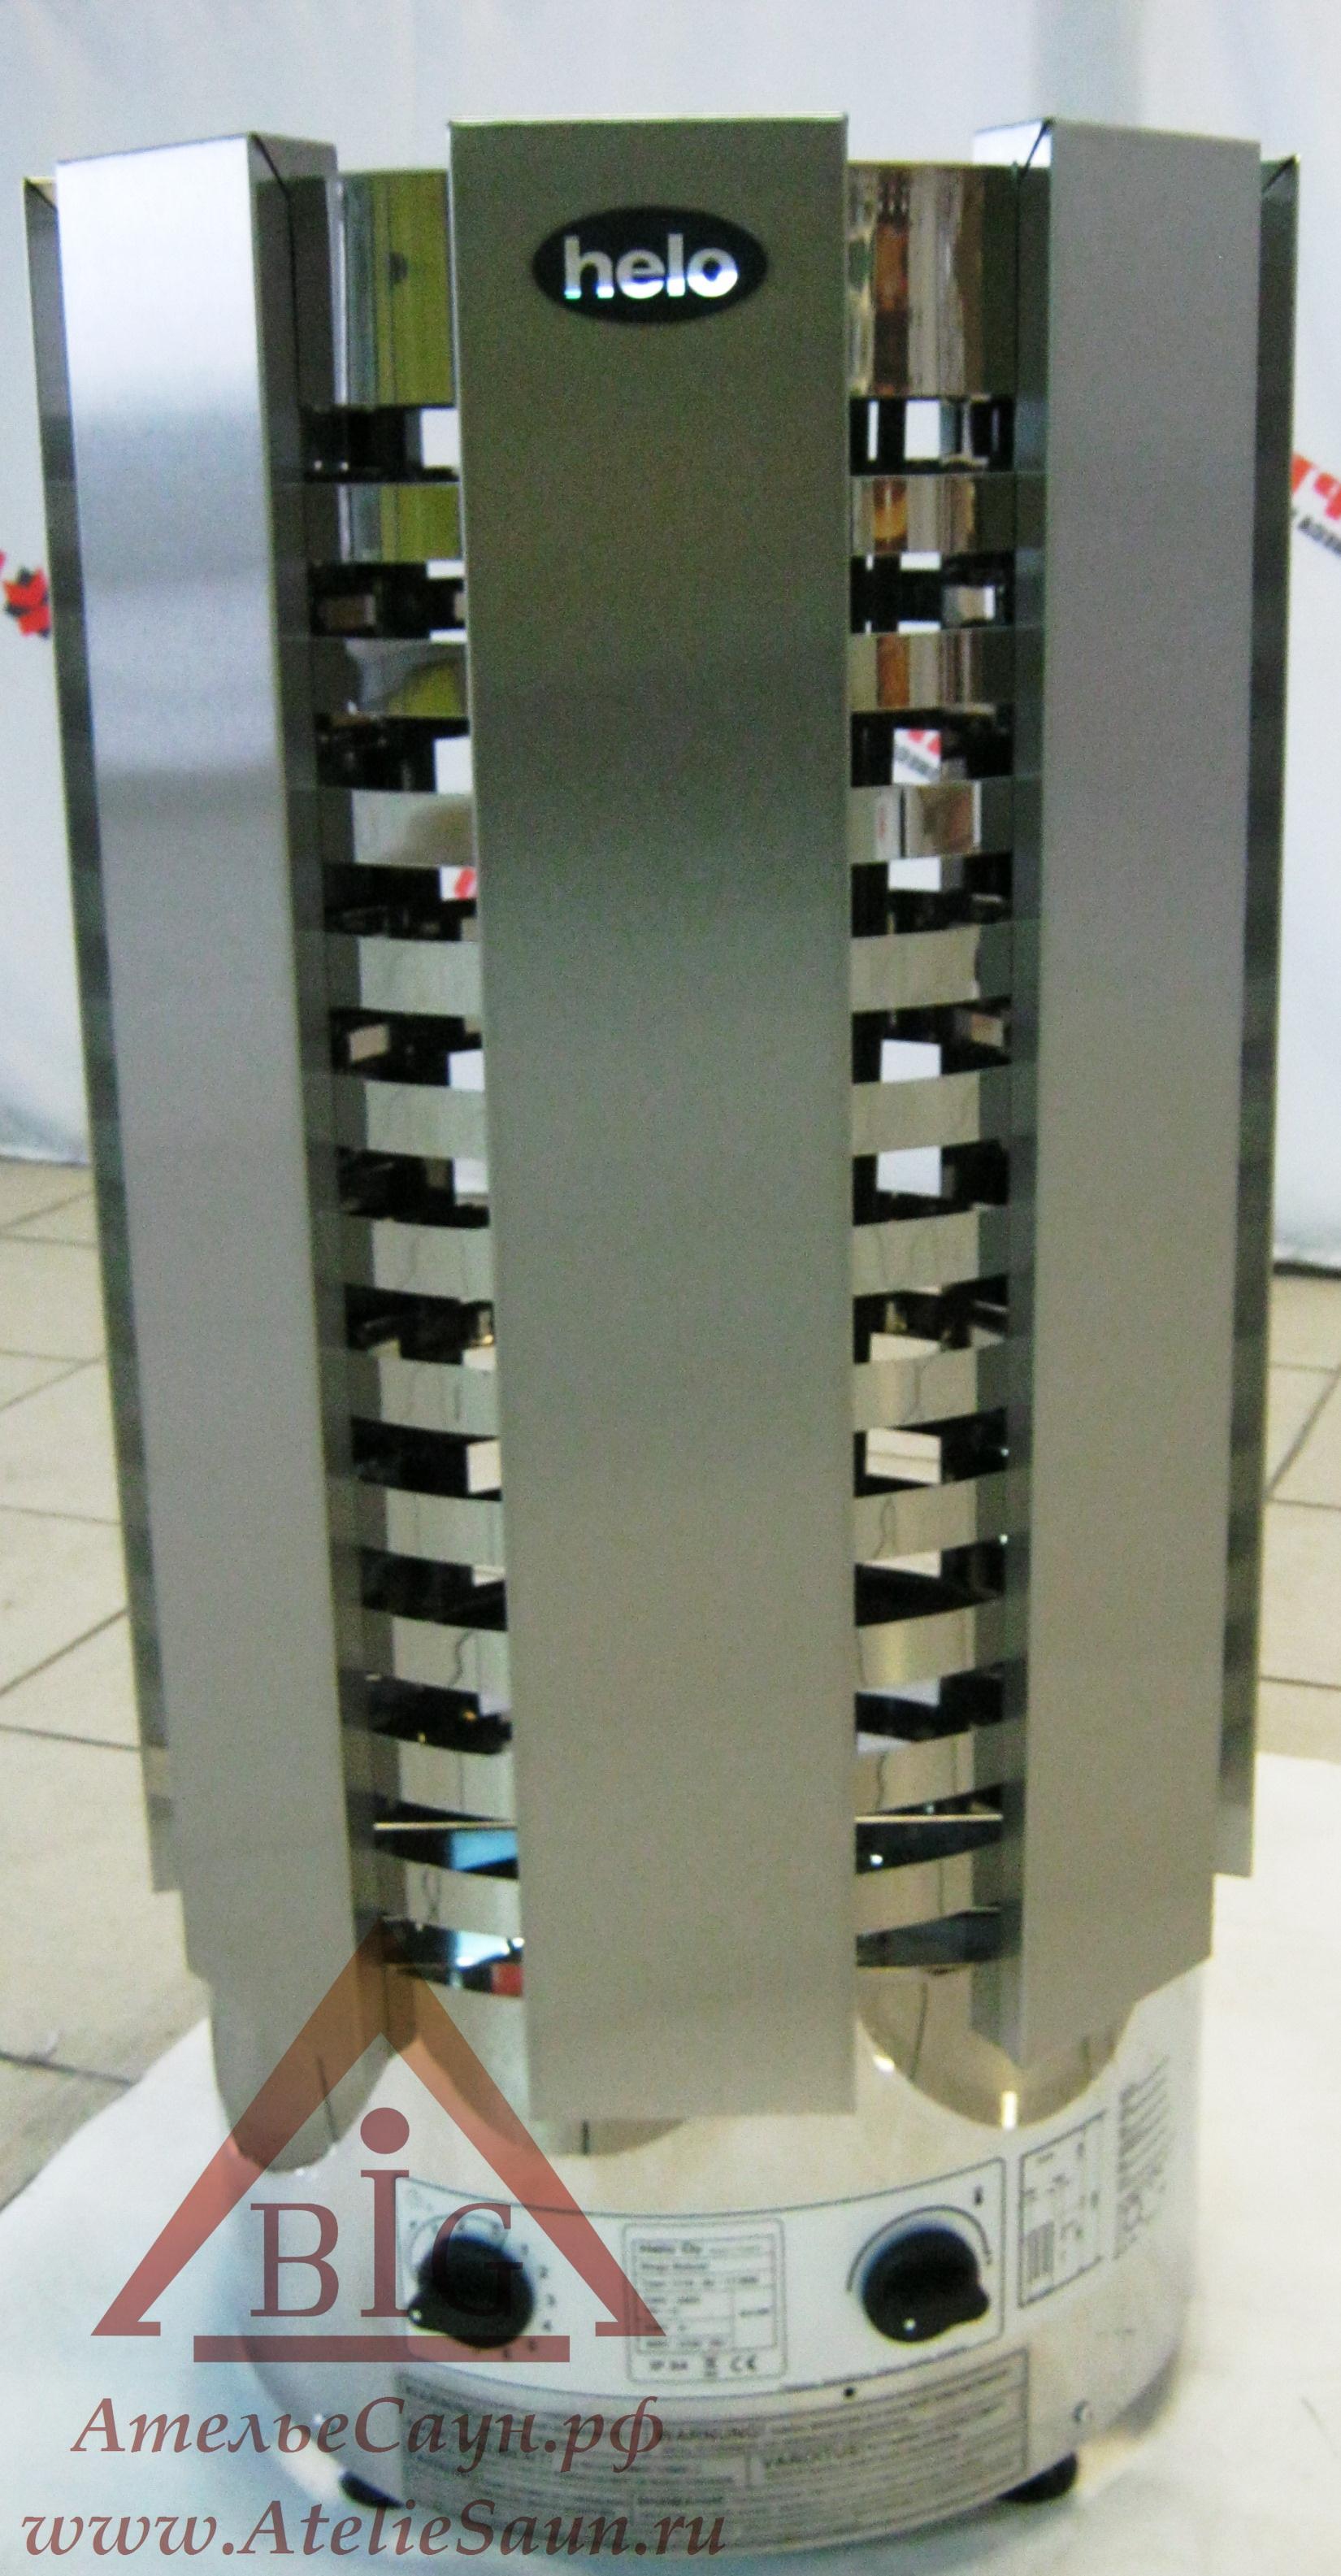 Электрическая печь Helo RINGO ROBUST 60 STJ (с пультом, хром)